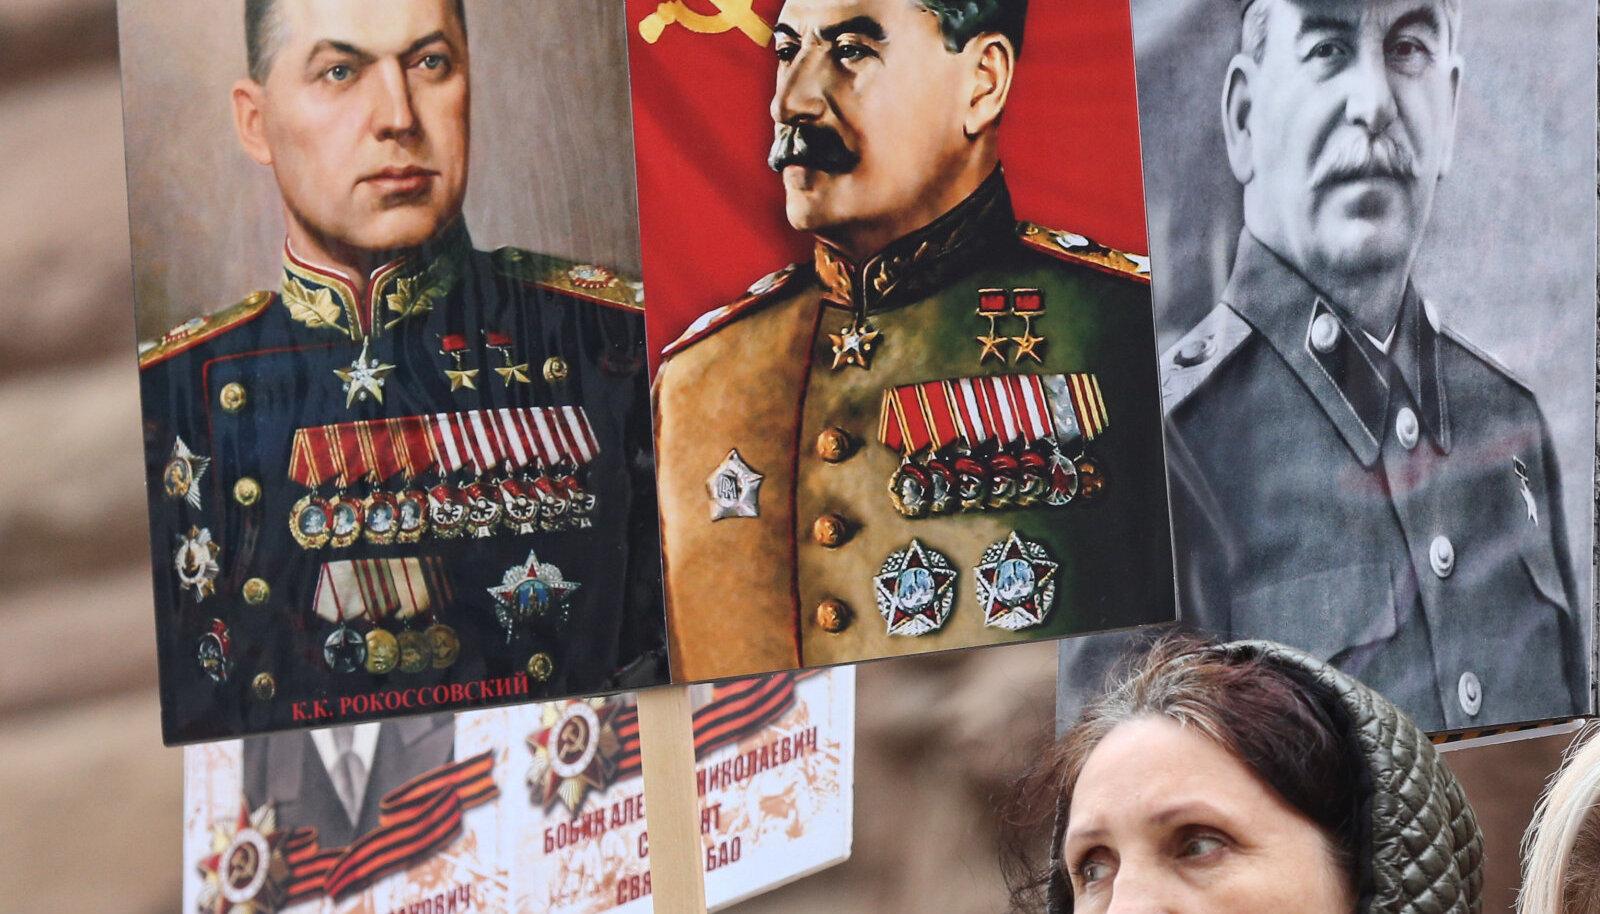 Портреты Иосифа Сталина на демонстрации в честь 75-летия Победы во Второй мировой войне